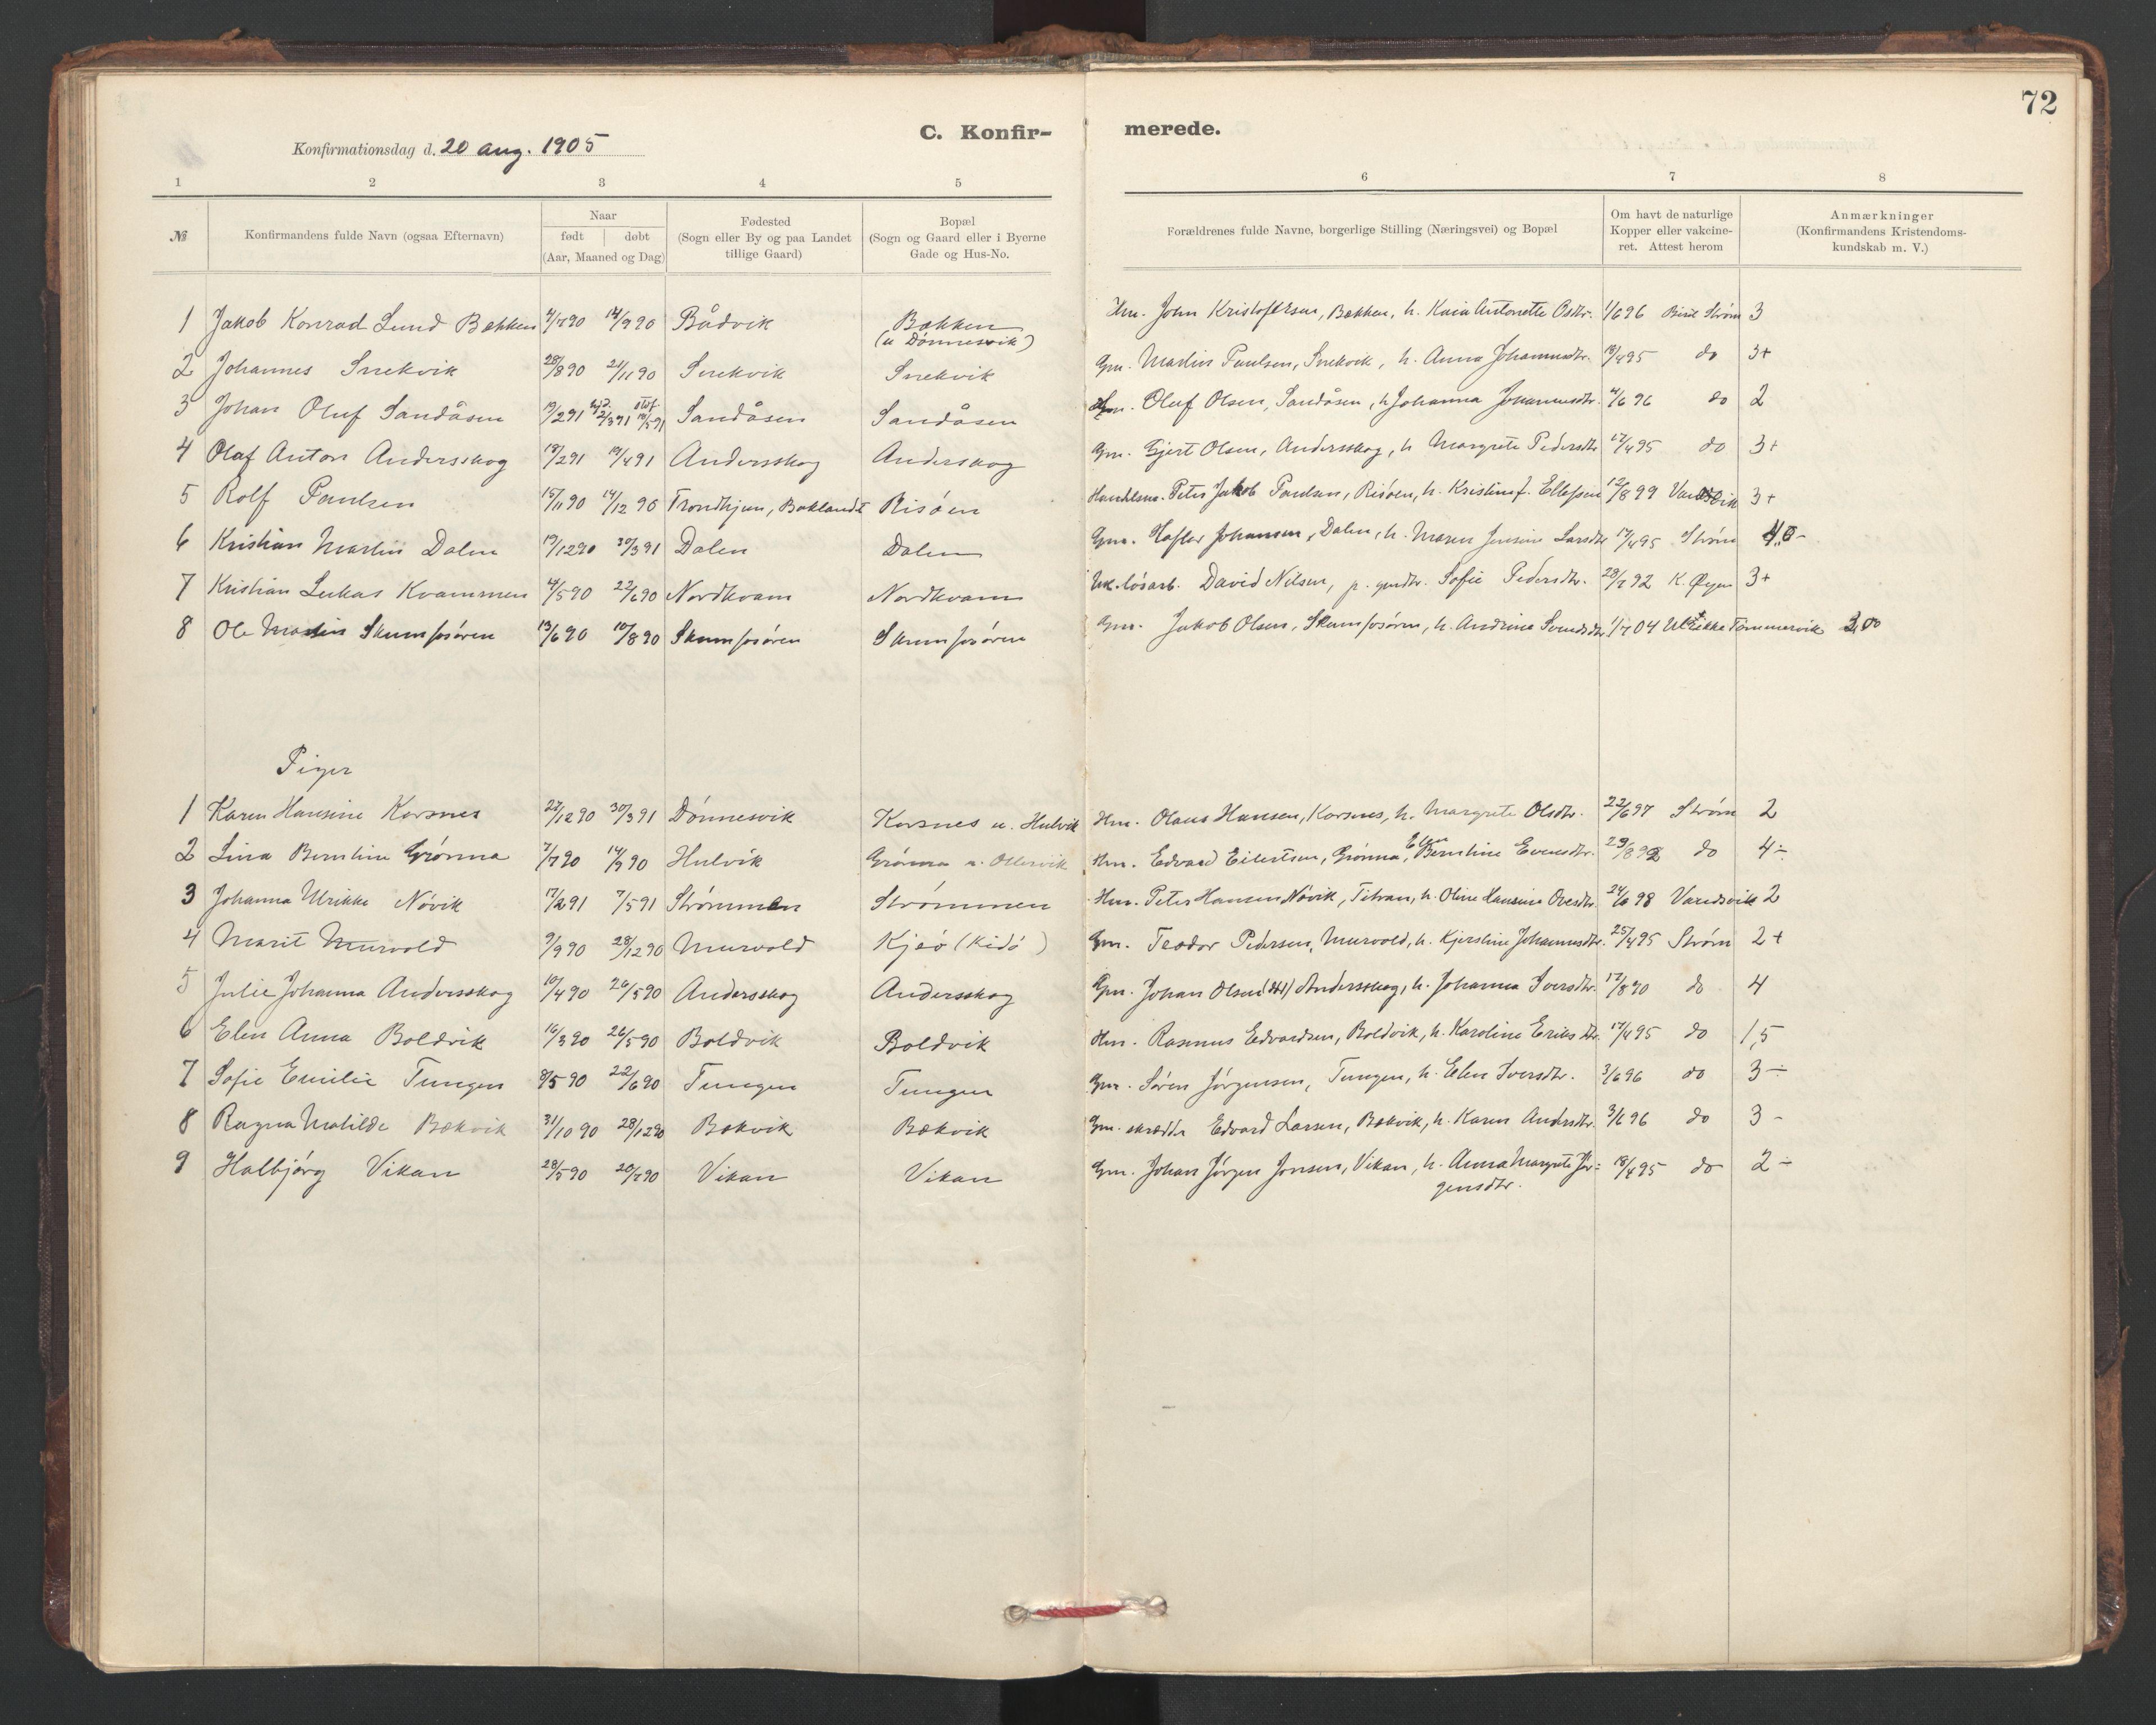 SAT, Ministerialprotokoller, klokkerbøker og fødselsregistre - Sør-Trøndelag, 635/L0552: Ministerialbok nr. 635A02, 1899-1919, s. 72